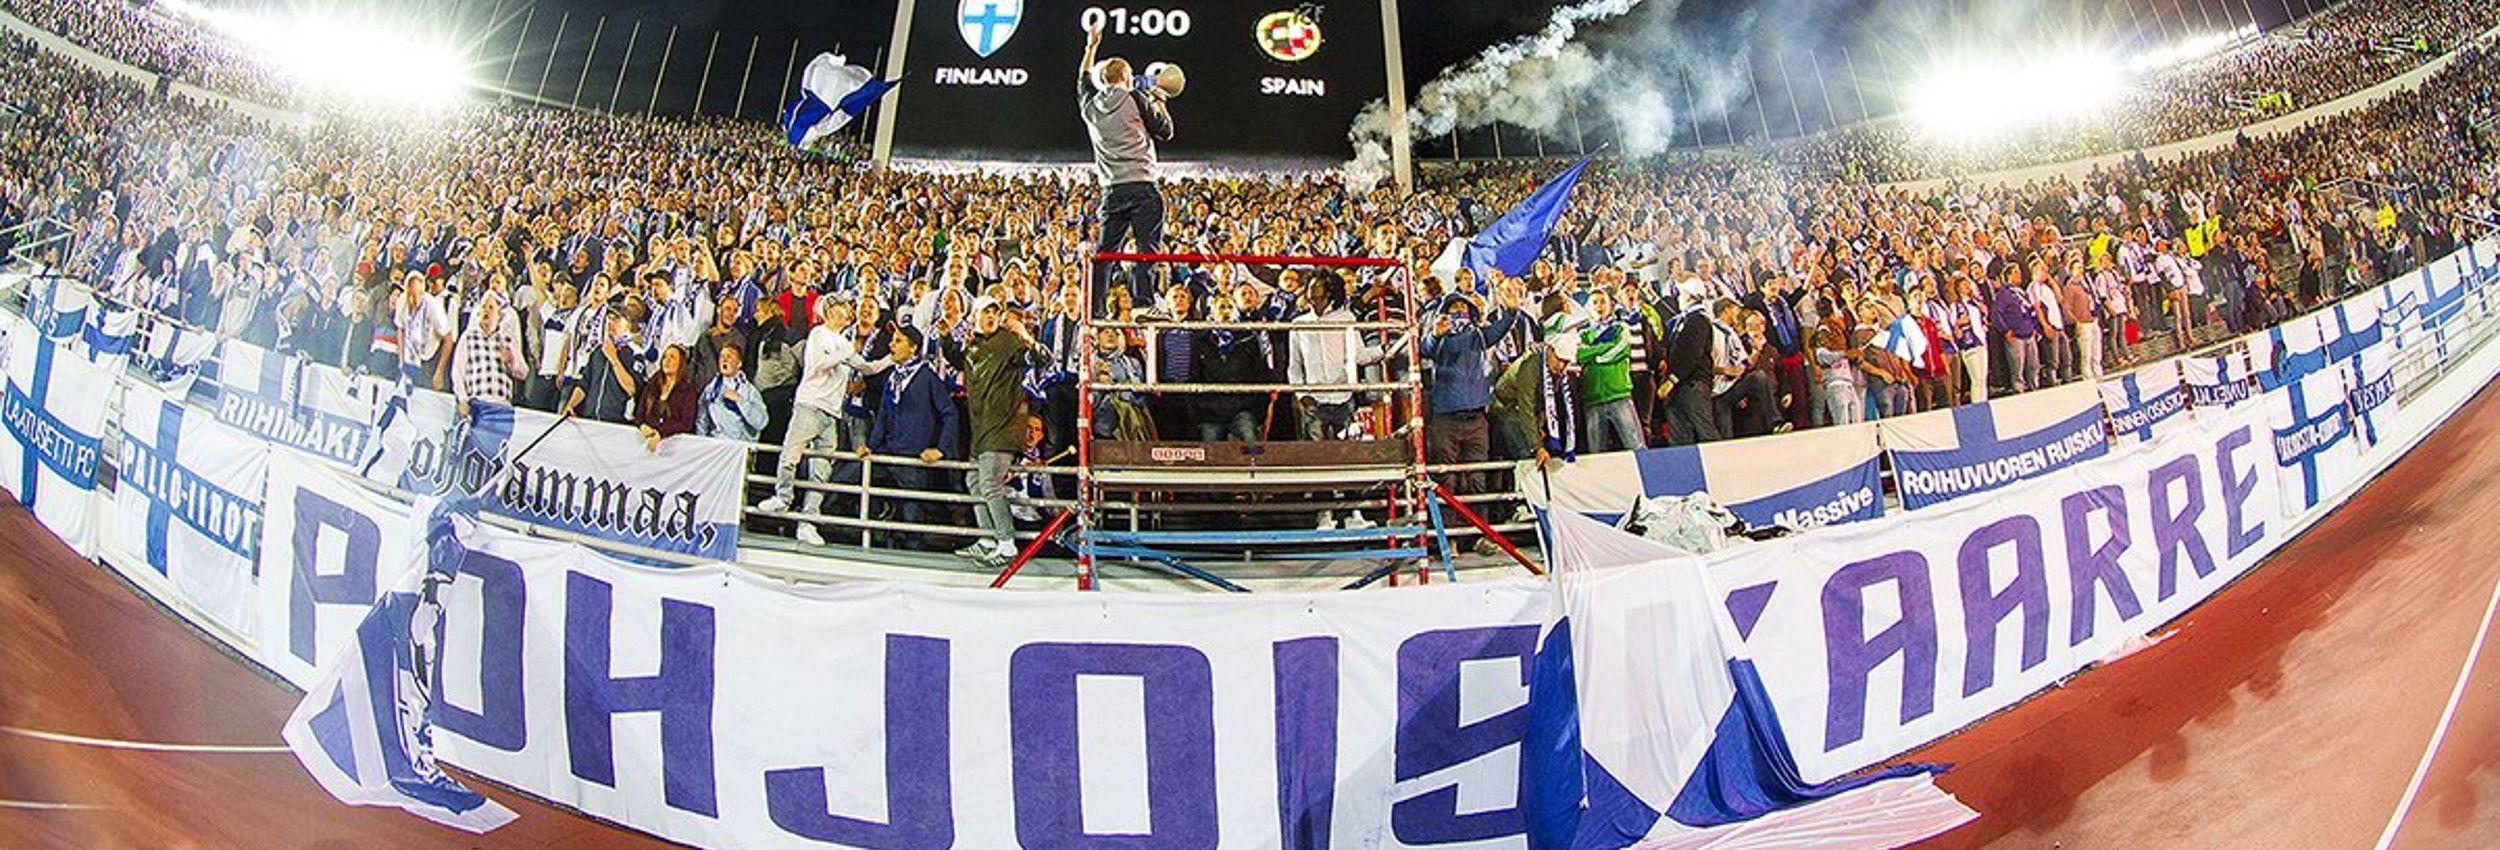 6.9.2013 Suomi - Espanja MM-karsintaottelusta Suomen Olympiastadionilta Helsingistä. Espanja voitti ottelun maalein 0-2.